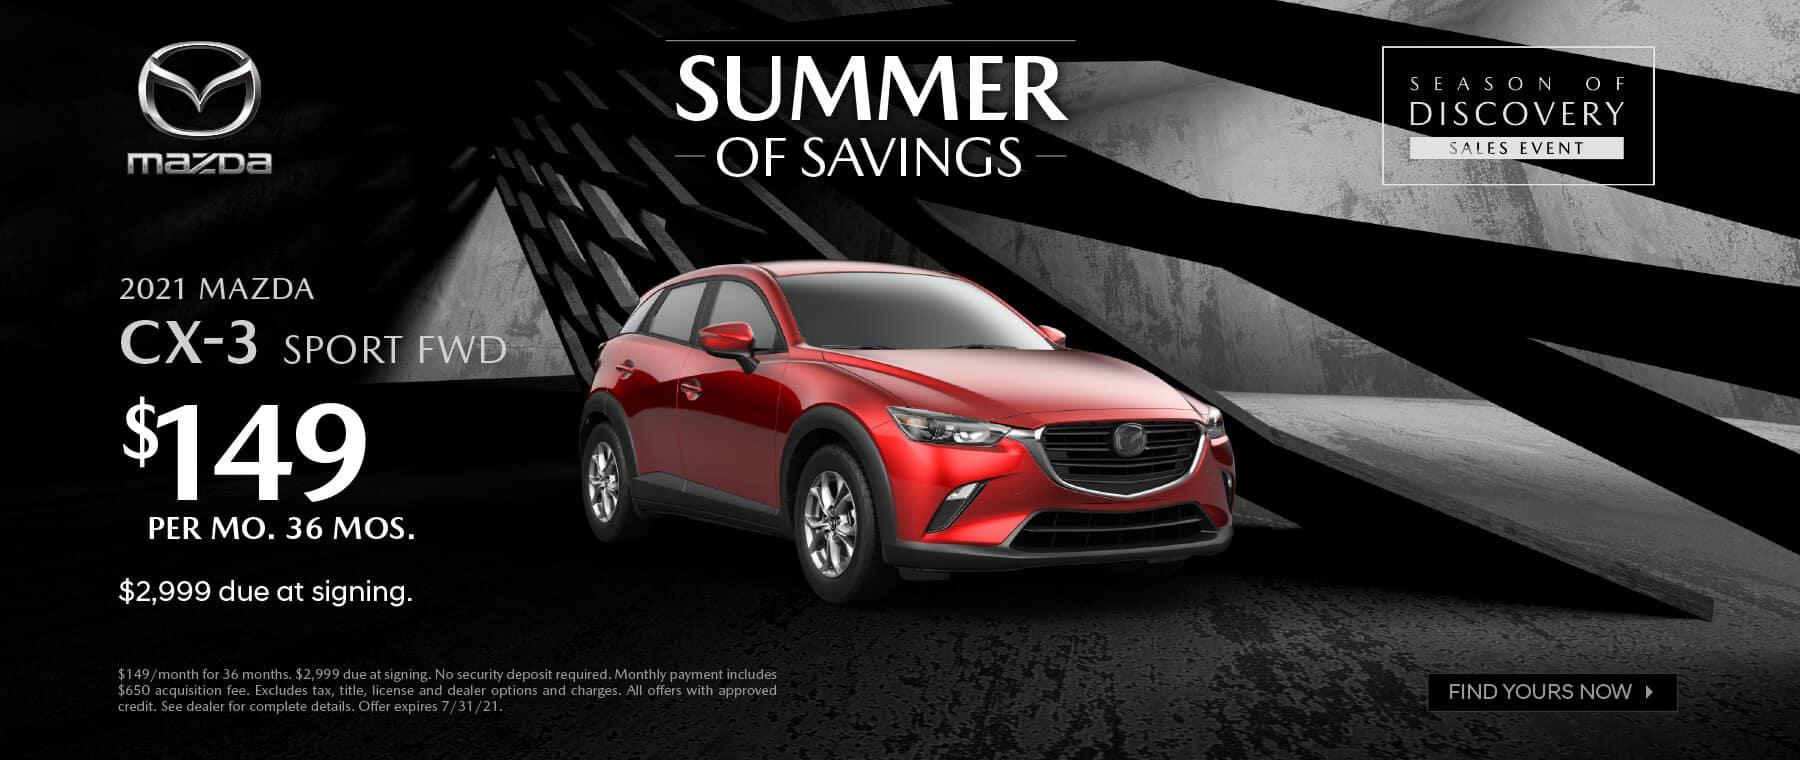 2021.05.26-Keffer-Mazda-JUNE_JULY-Web-Banners-S52475vw-7